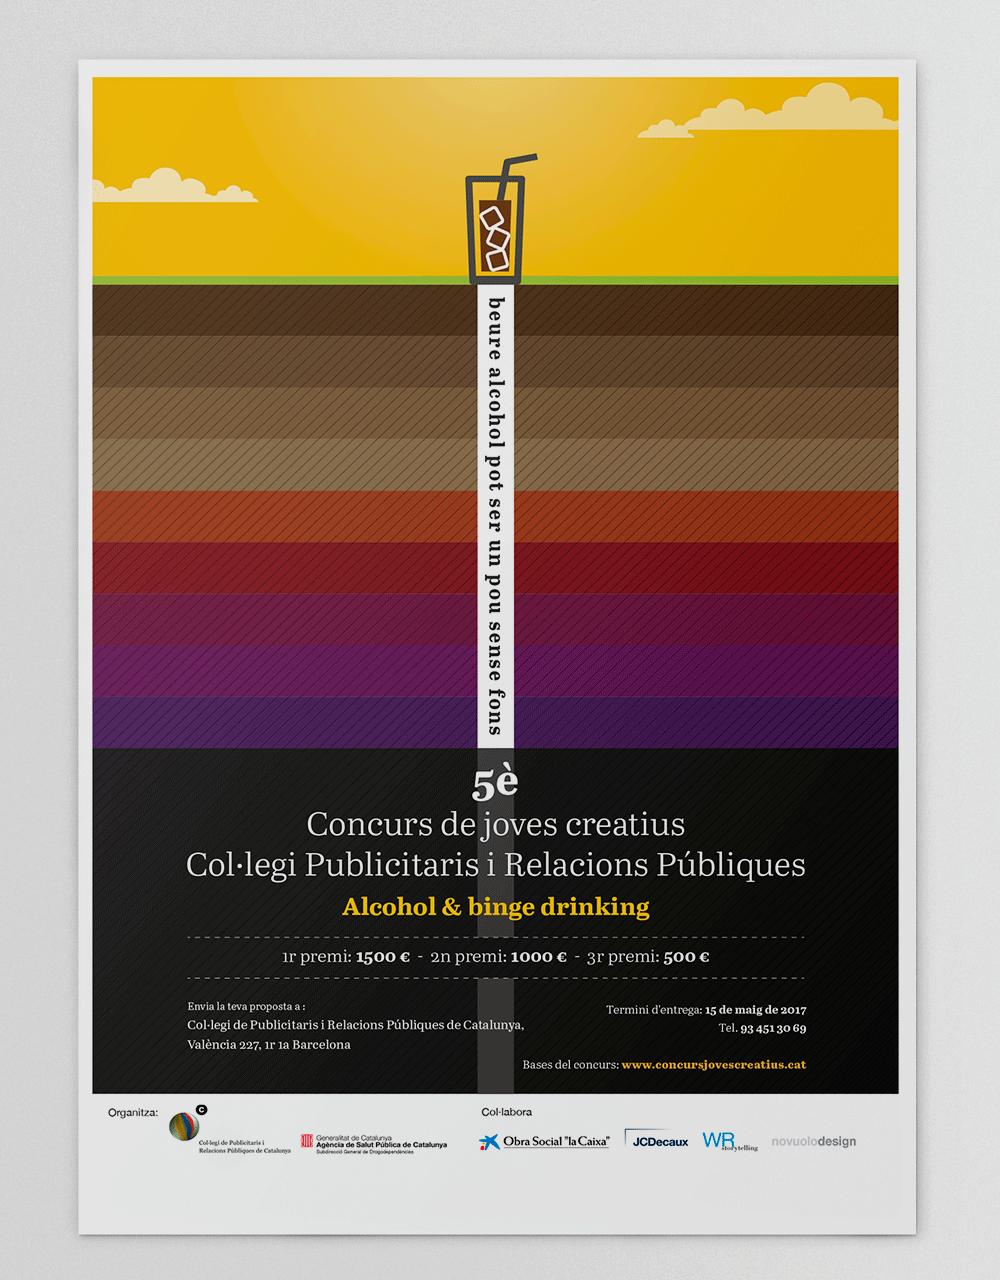 Posters_ConcursJovesCreatius_Publicistes_PouSenseFons